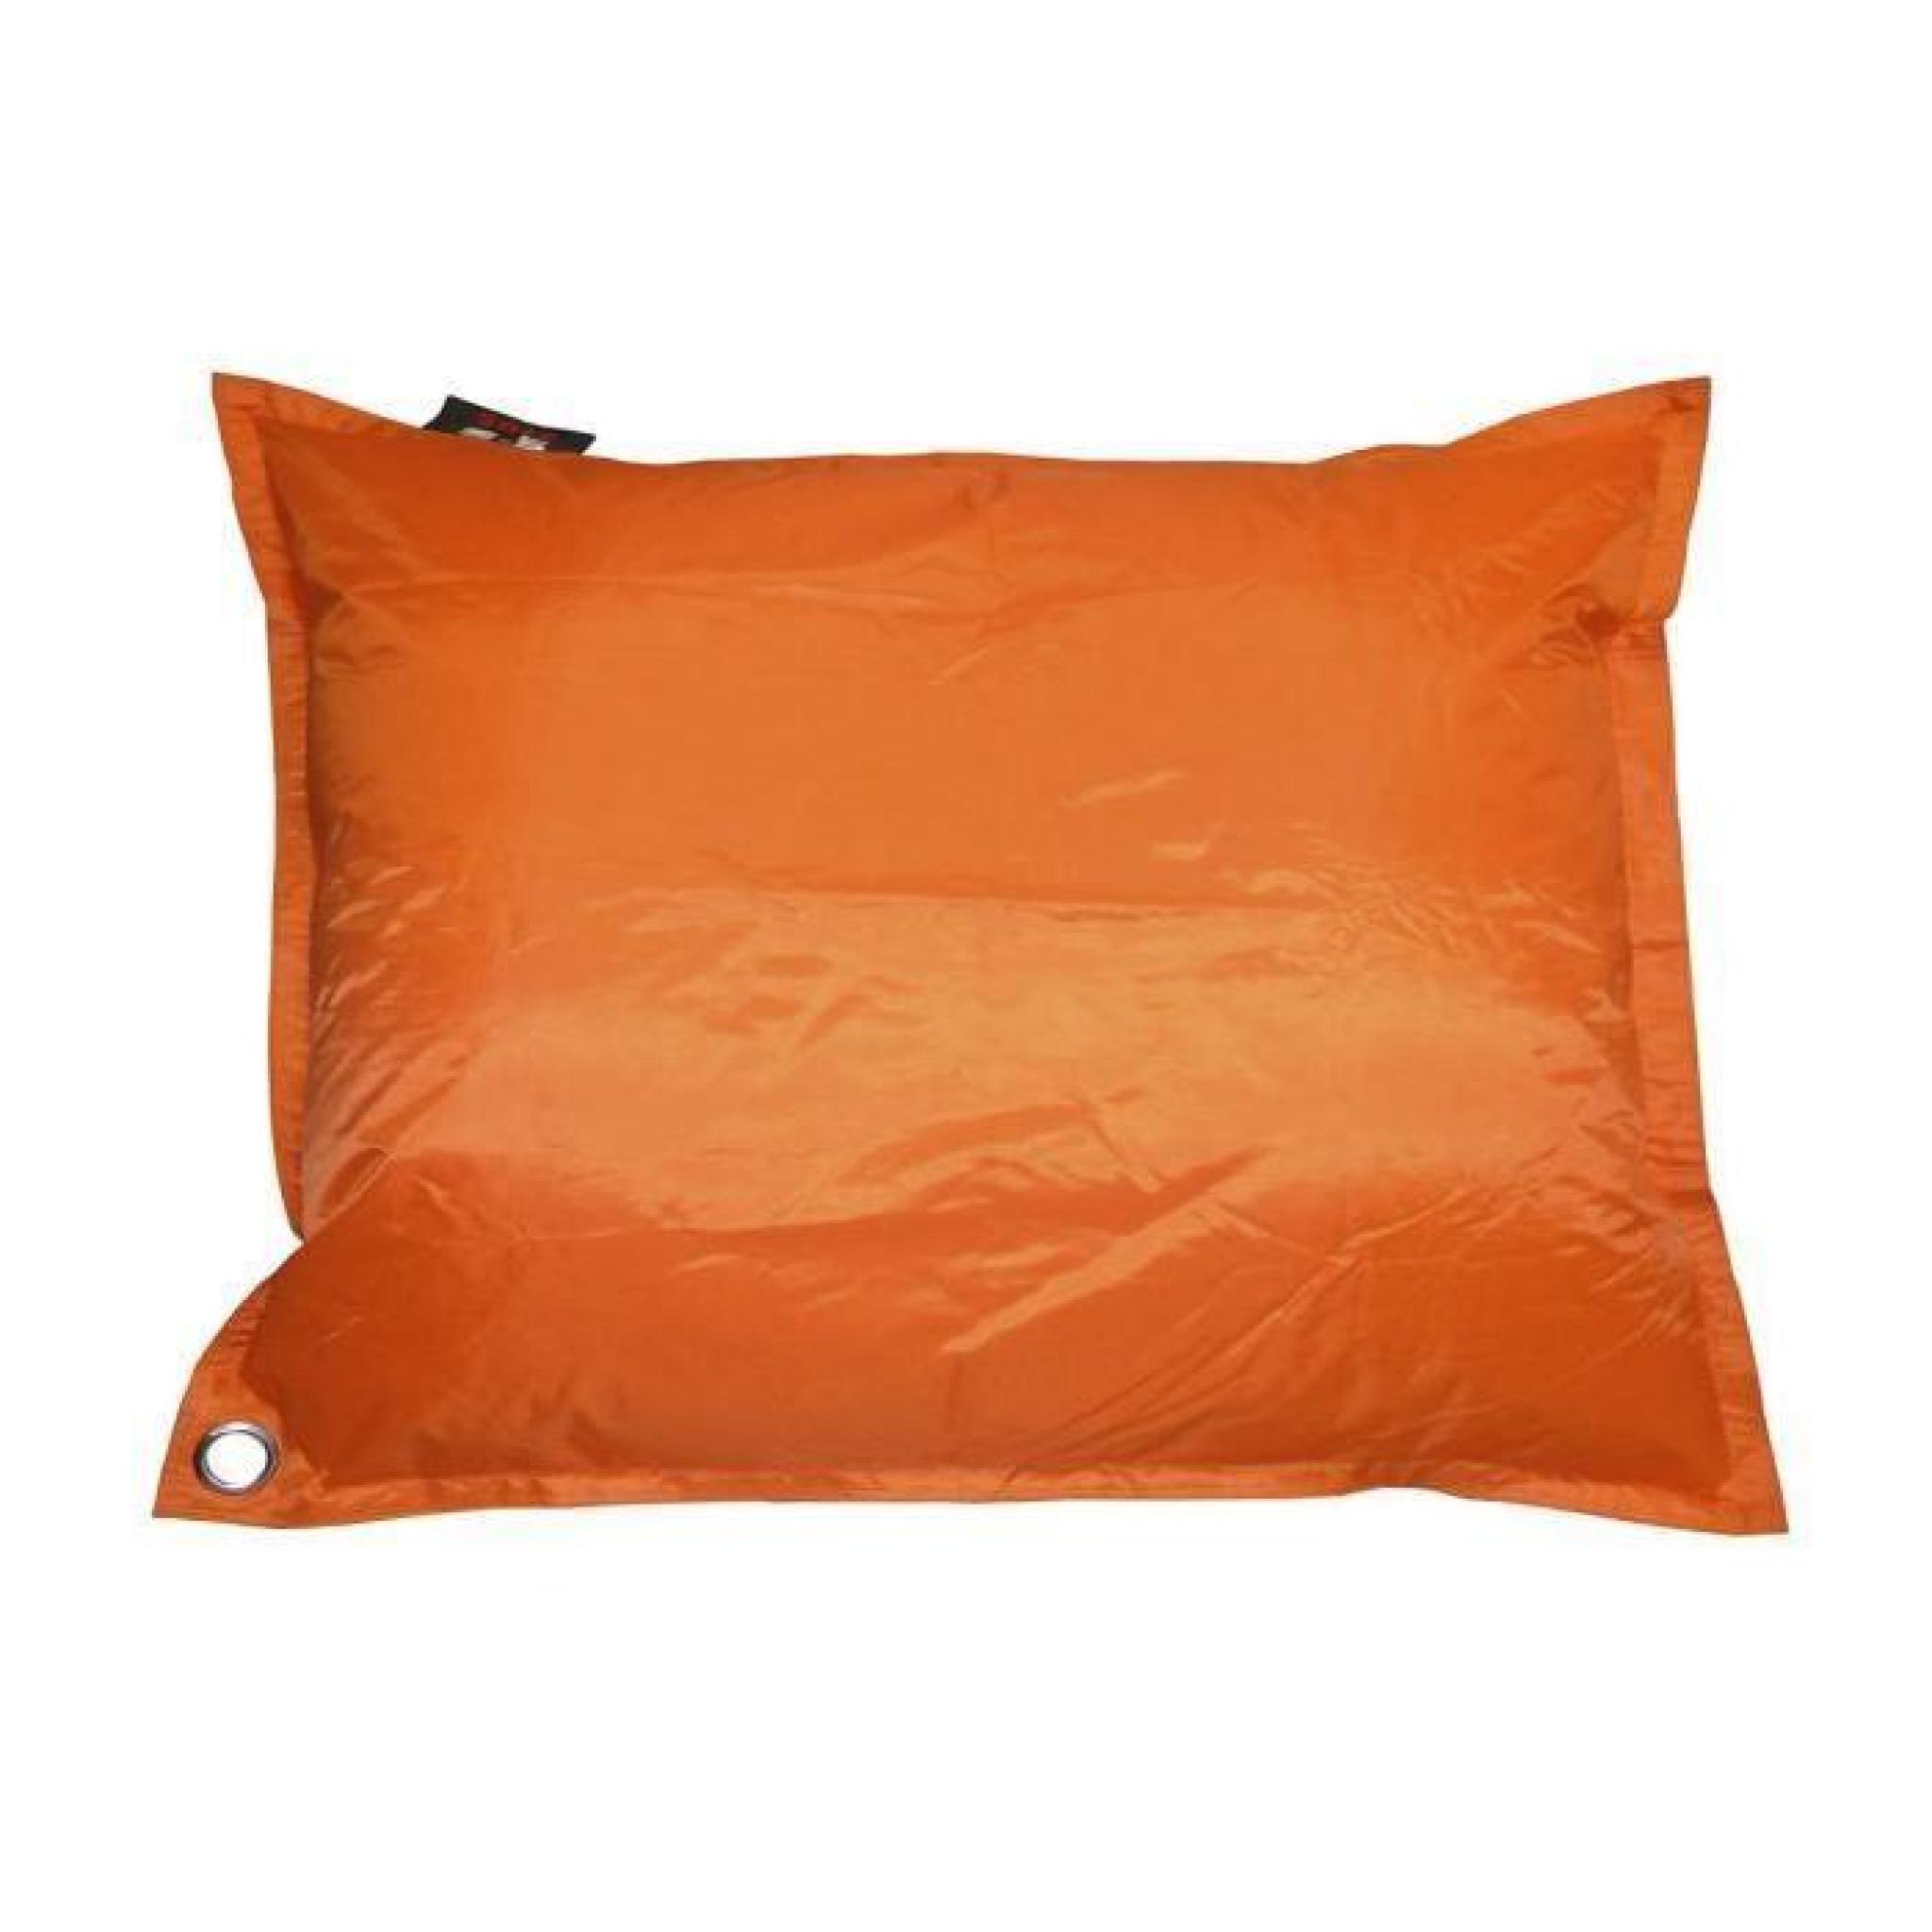 Java Pouf Geant Impermeable 110x130 Cm Orange Achat Vente Pouf